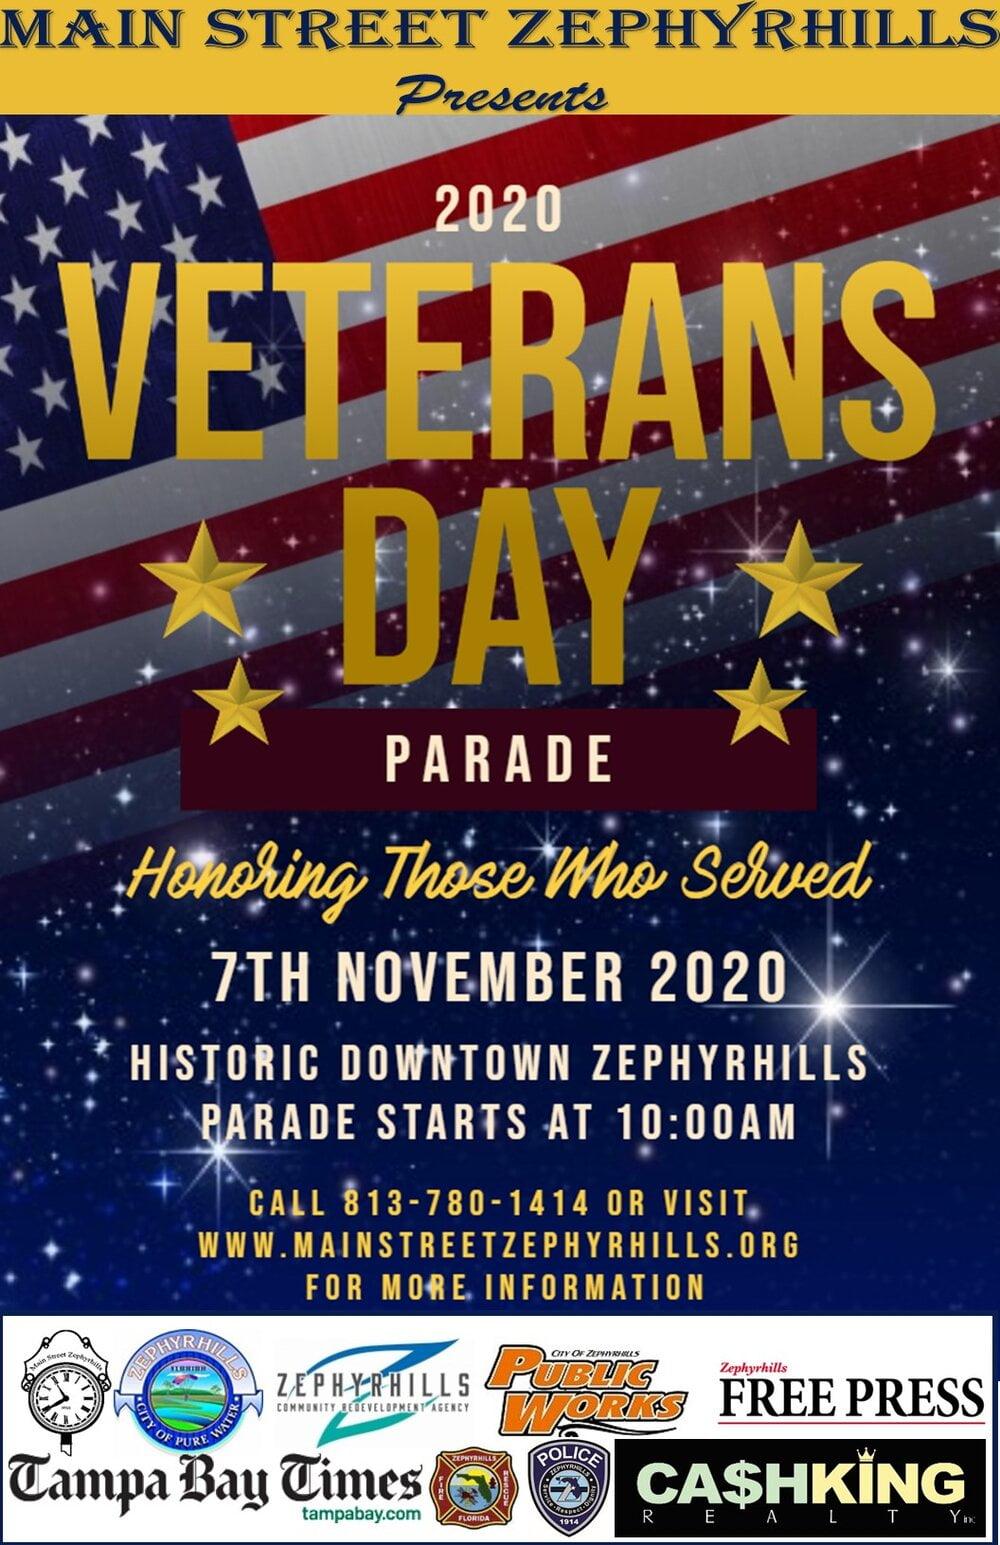 Zephrhills Veterans Day Parade 2020 Information